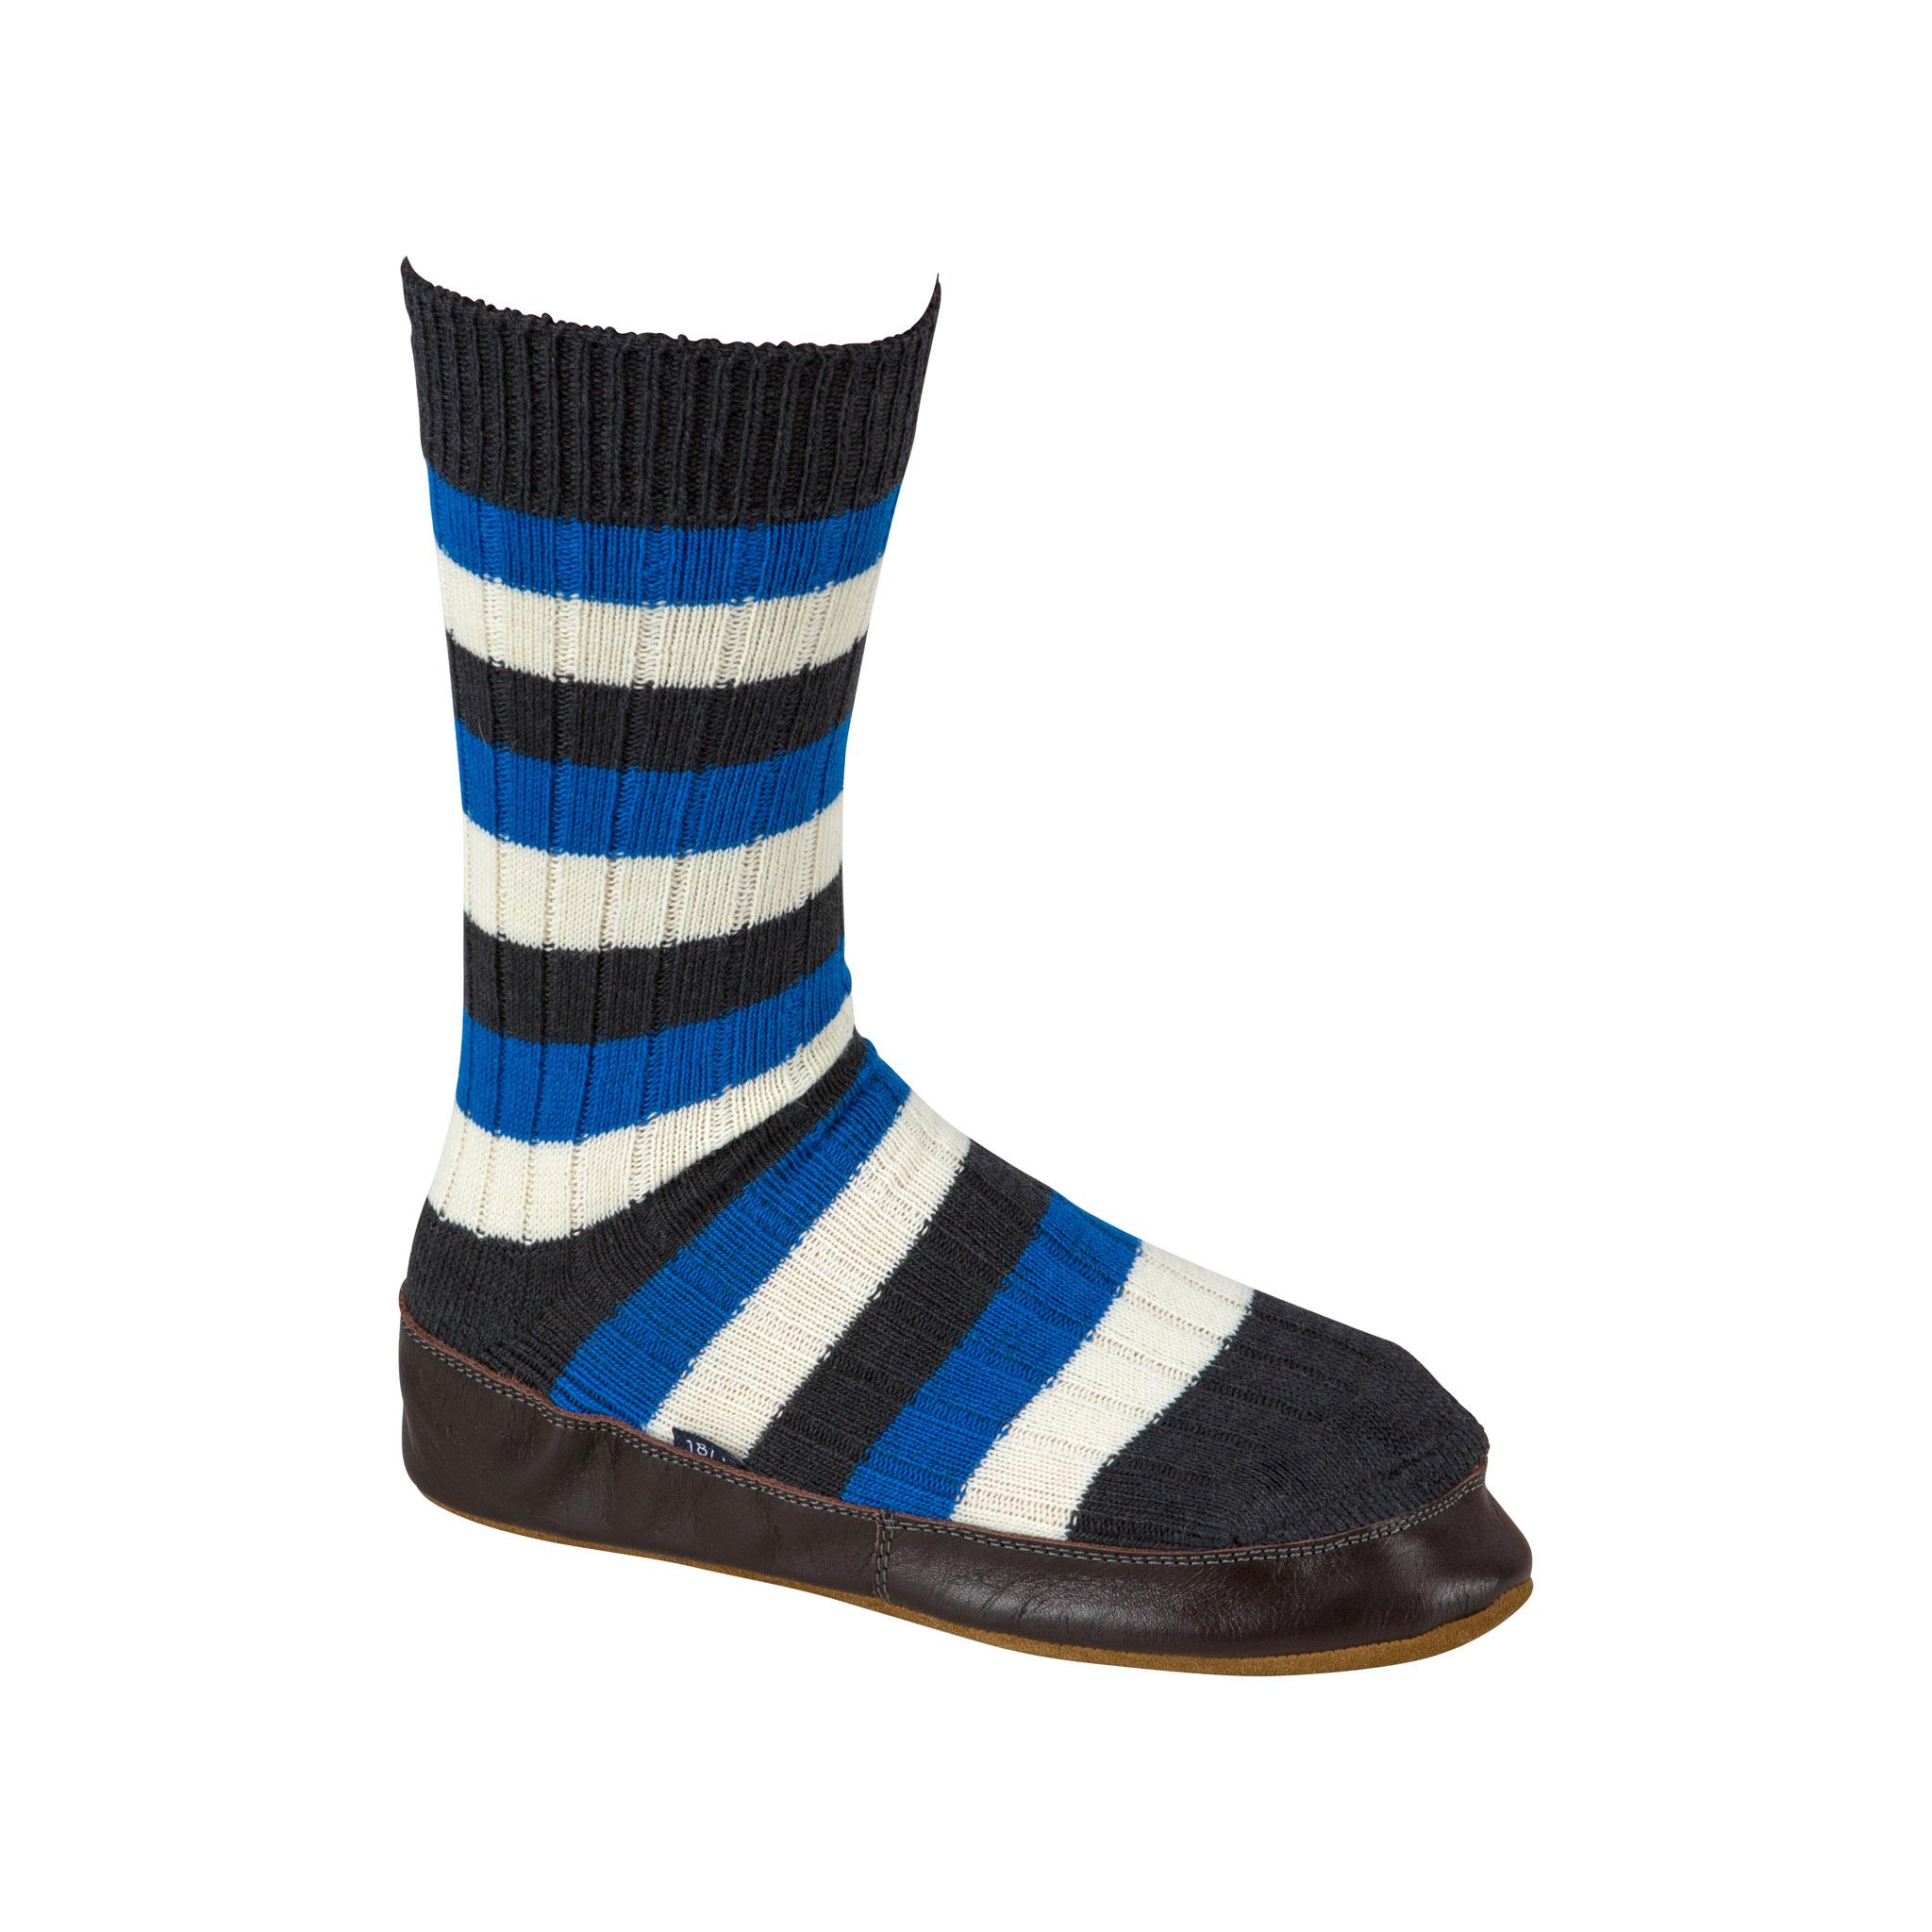 Slipper Sock black, blue and white stripe